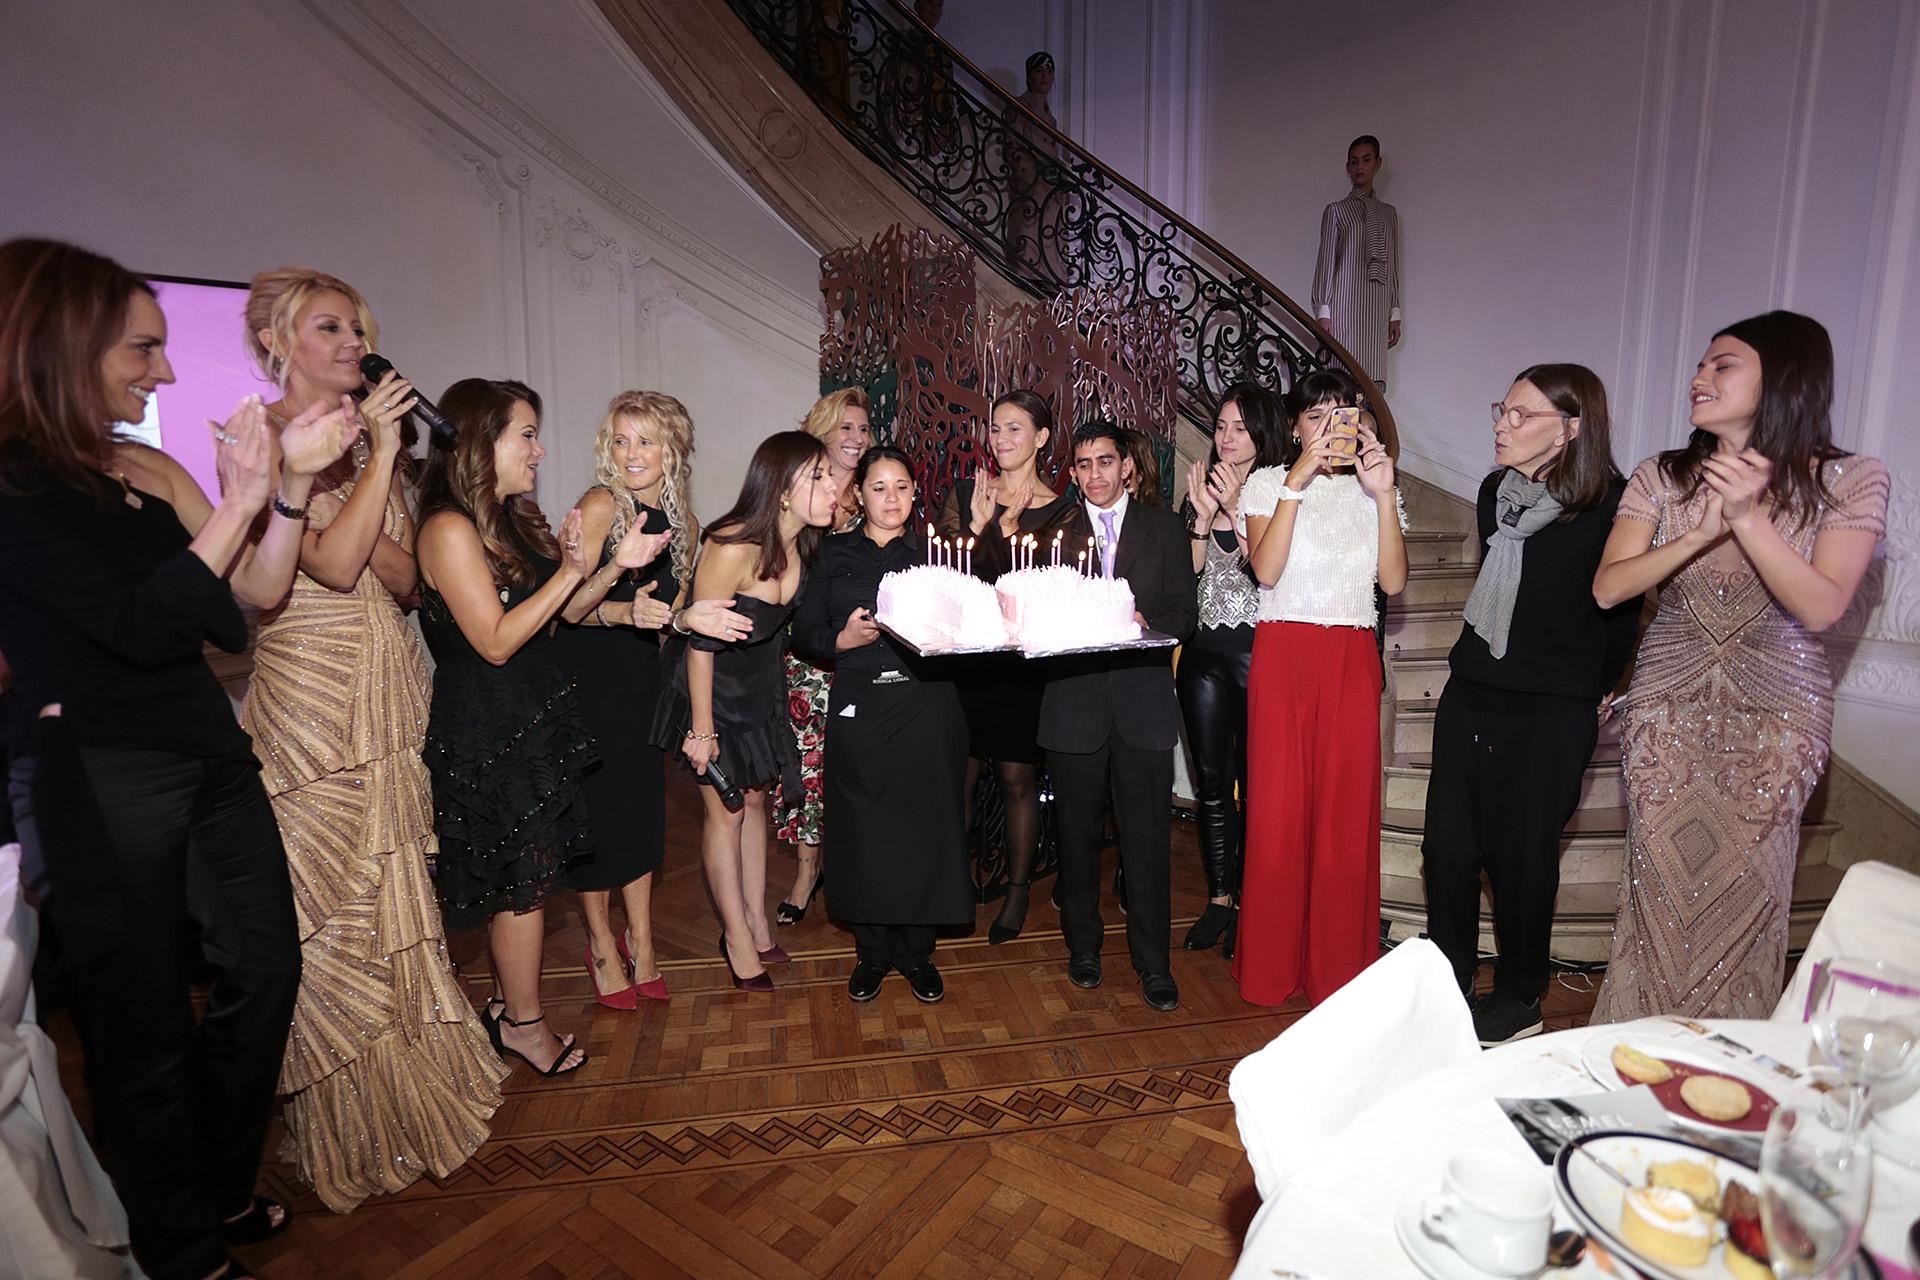 Este año, el Six o Clock cumple 15 años consecutivos, y lo celebró con una edición especial, en donde sumó a su tradicional té desfile una muestra de arte de la Galería Calvaresi, con obras de artistas contemporáneos como Andrés Paredes, Mariano Giraud y Desiree de Ridder, entre otros